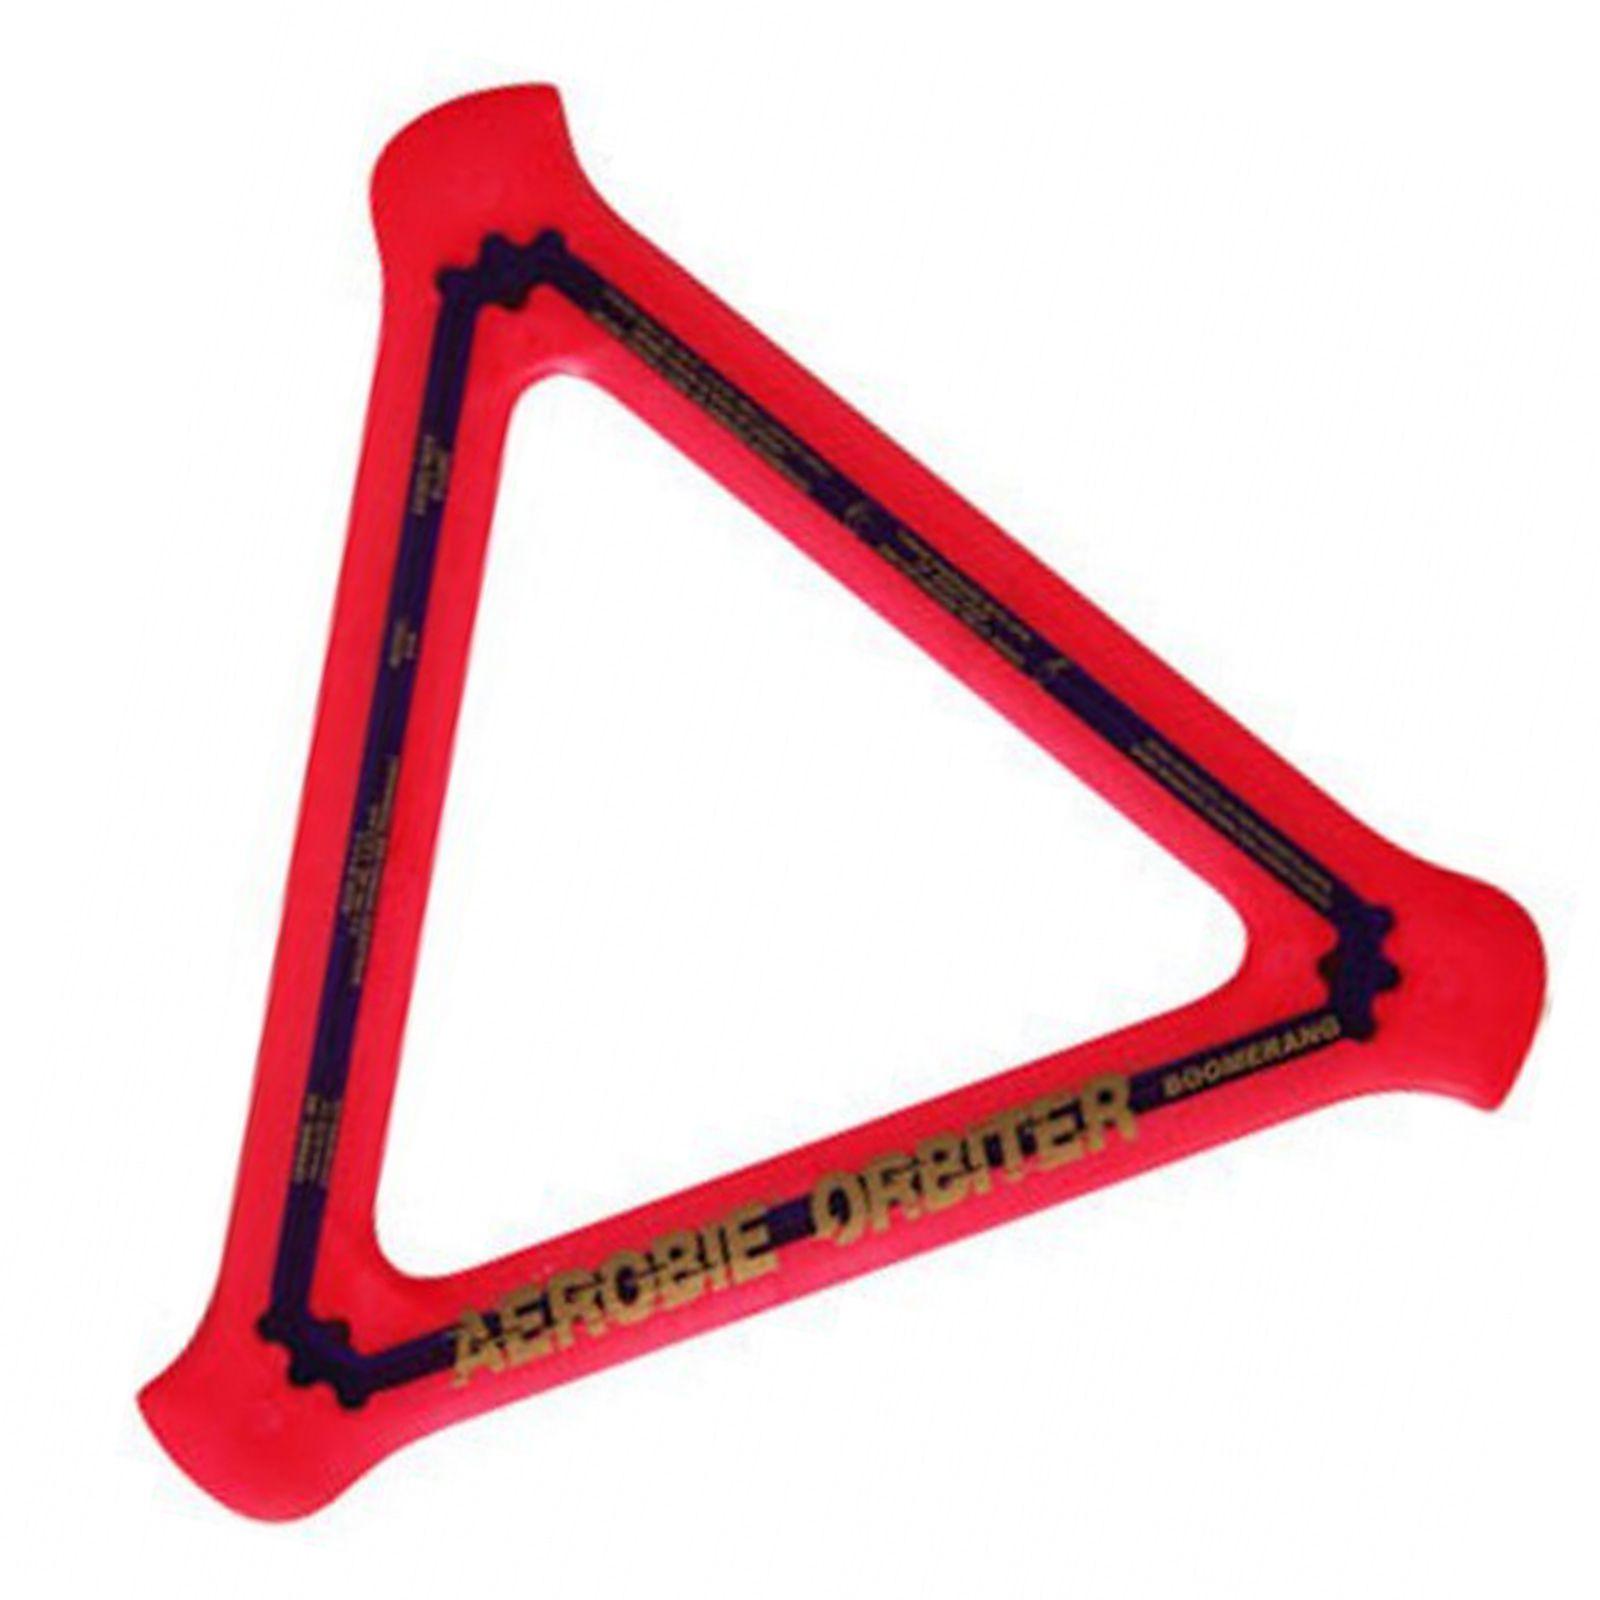 Flaka funsport aerobie orbiter bumerang 11inch 28cm for Hohe gleichschenkliges dreieck